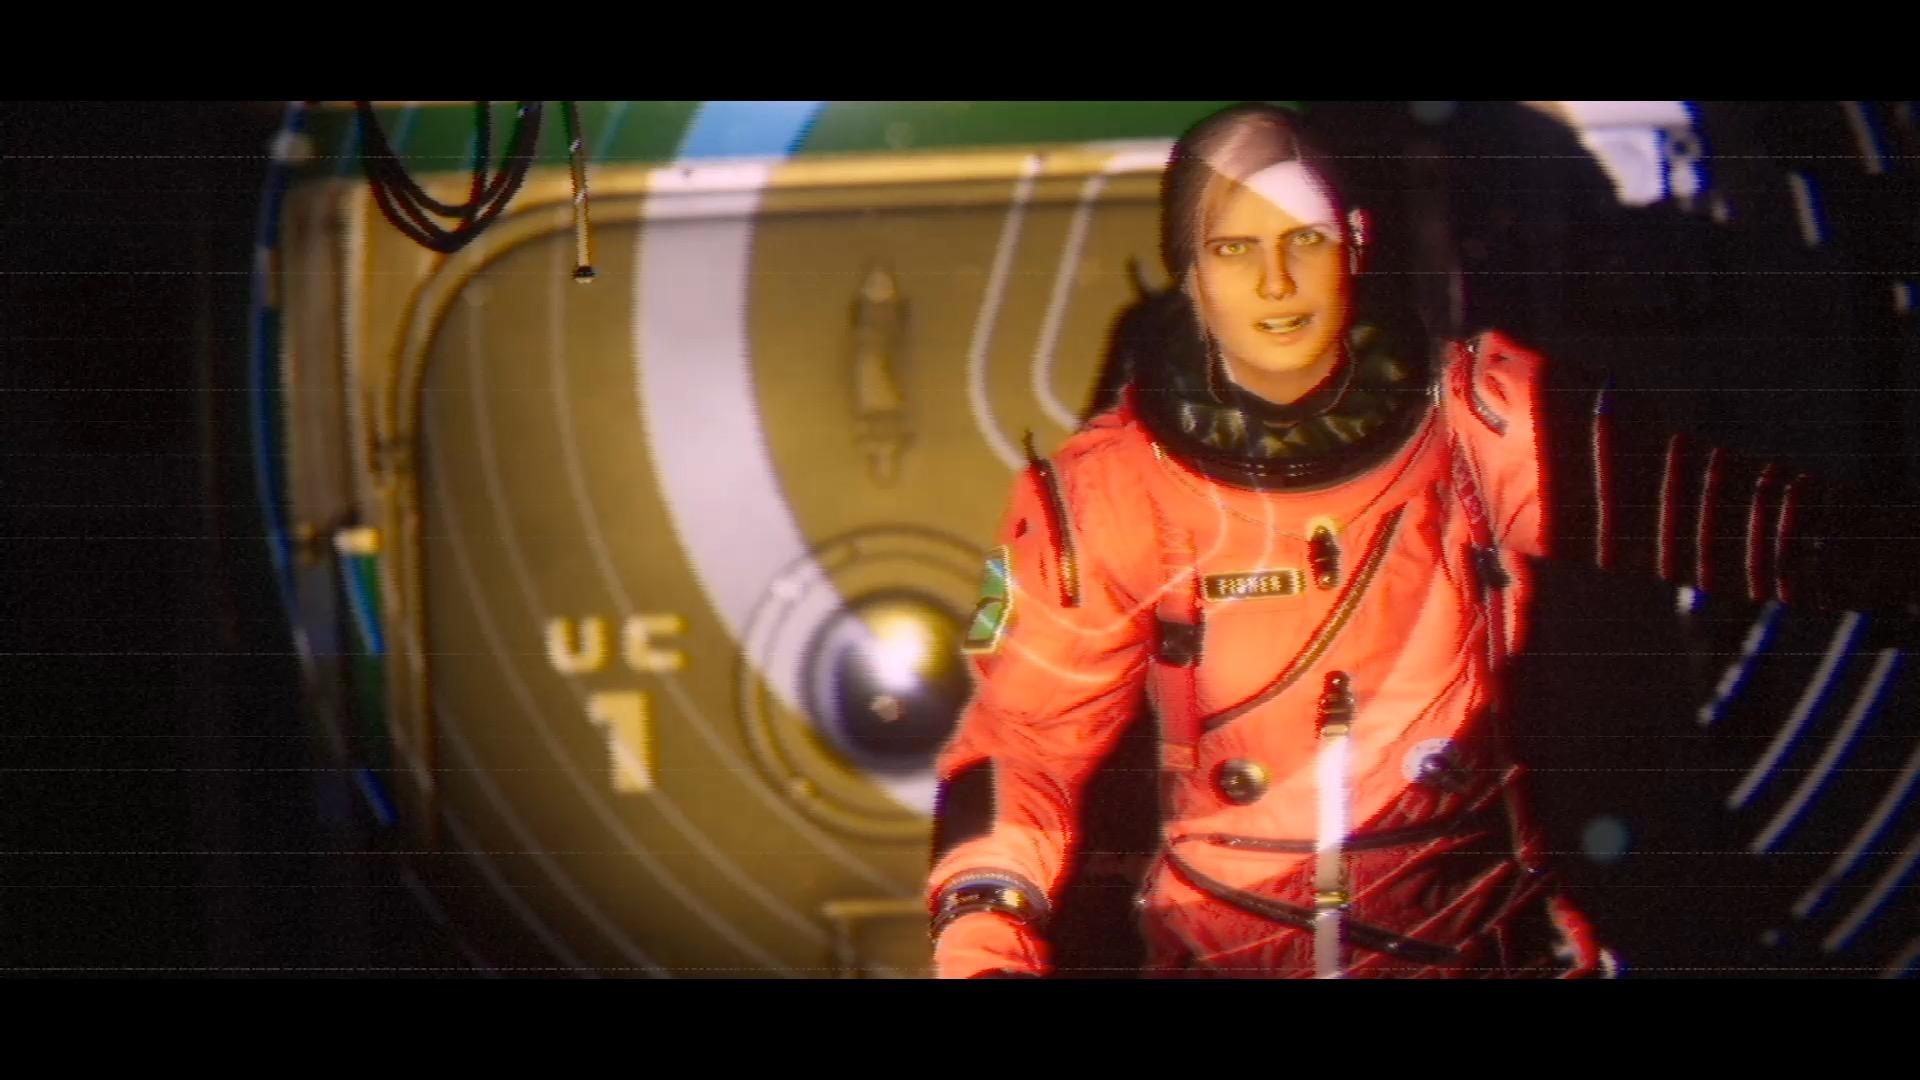 科幻恐怖游戏《观察》新预告片 超惊悚超刺激!